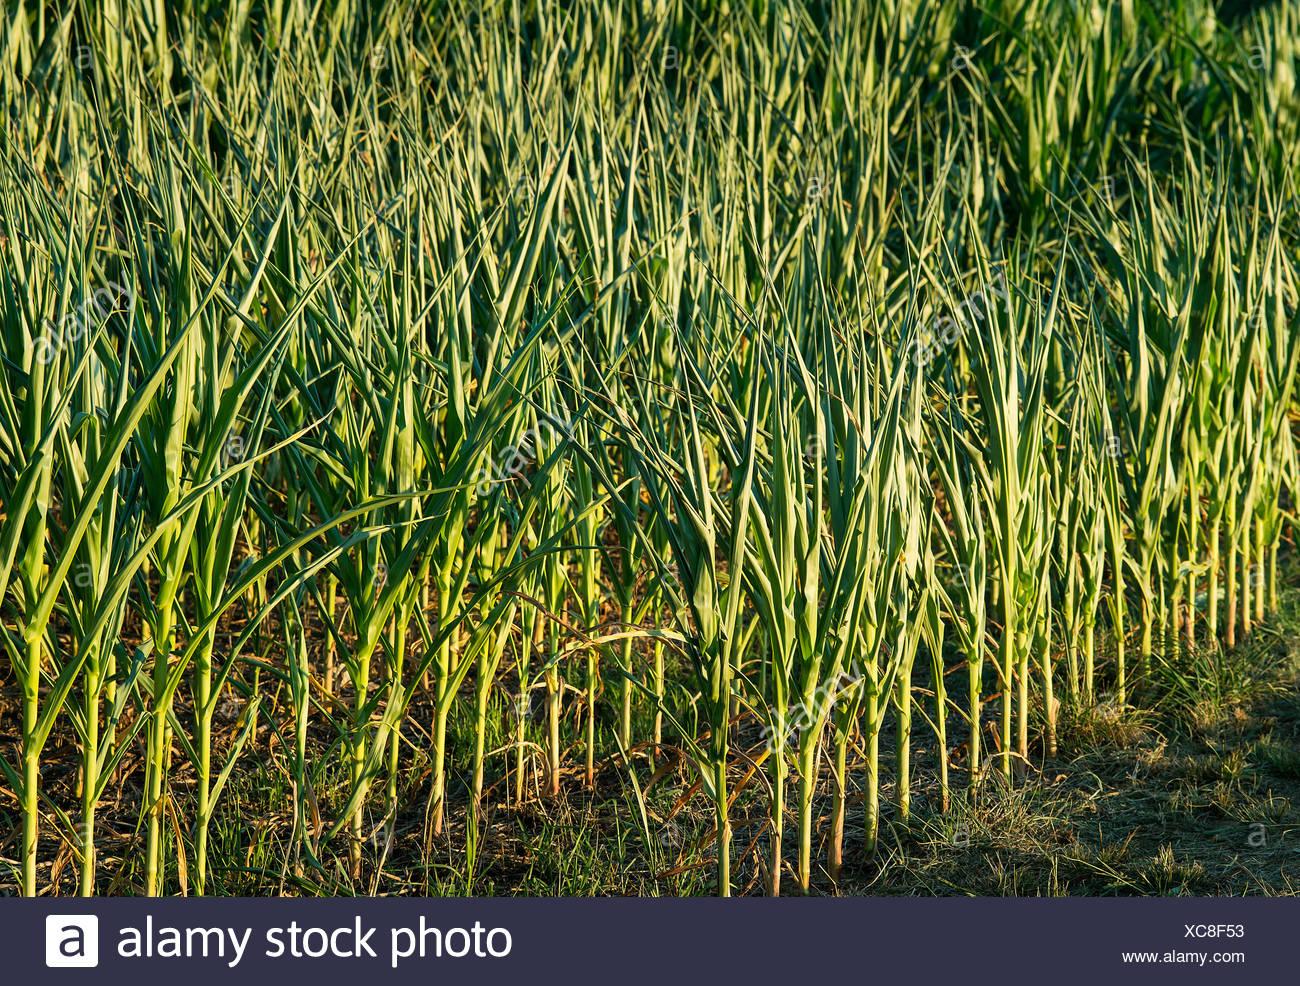 Les jeunes récolte de maïs. Photo Stock